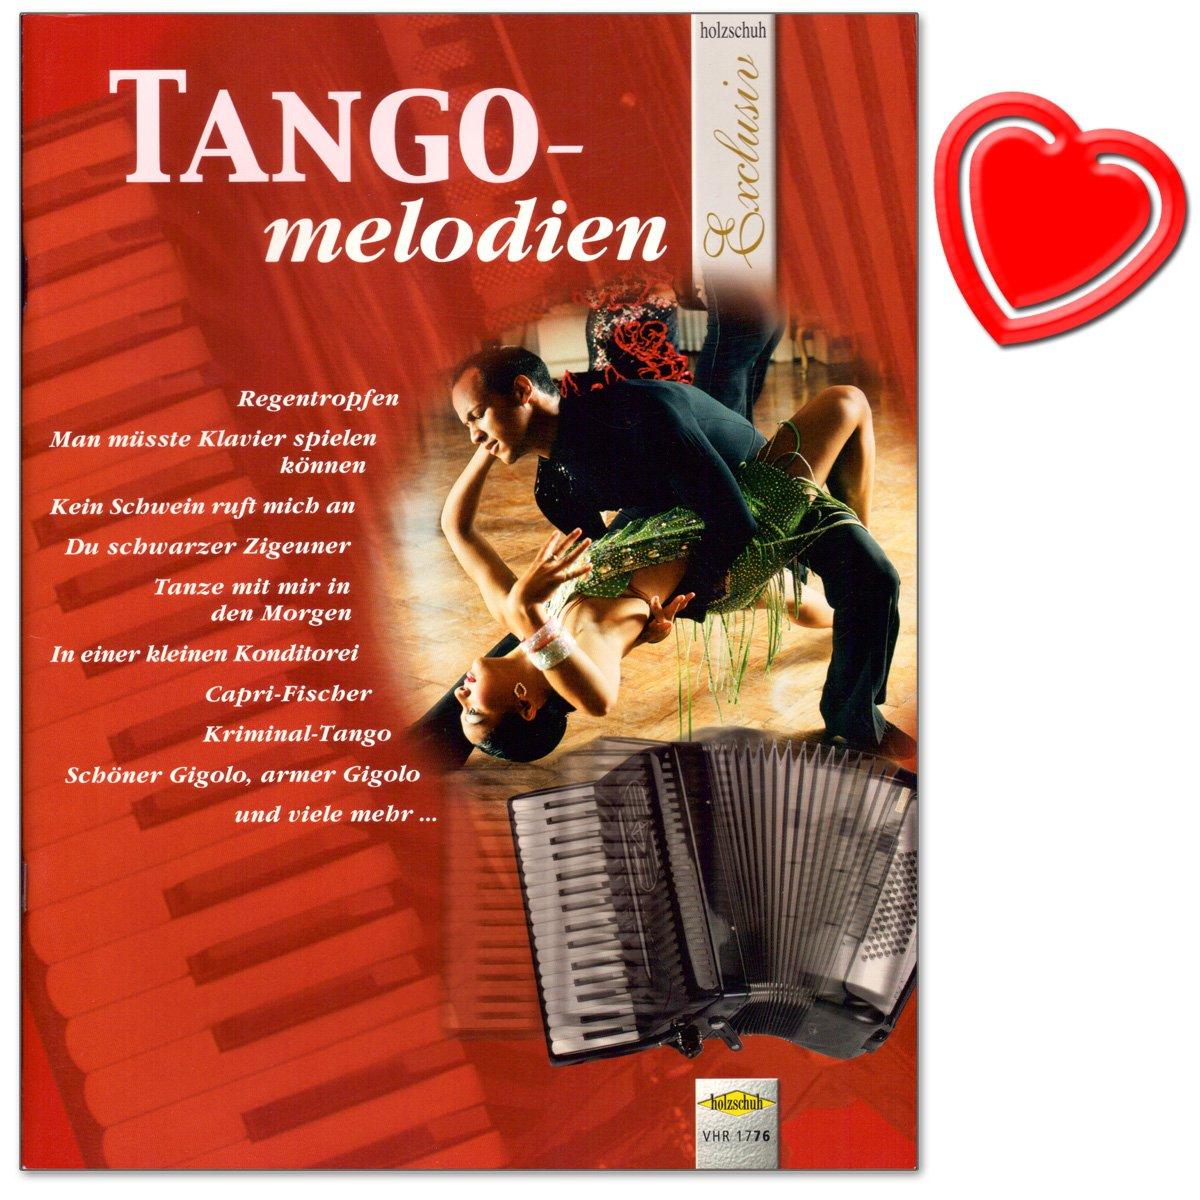 TANGO Mélodies pour accordéon–Belles bearbeitungen dans le domaine mittelschweren erfreuen tout joueur–Accordéon Notes avec cœur Note colorée Pince Holzschuh